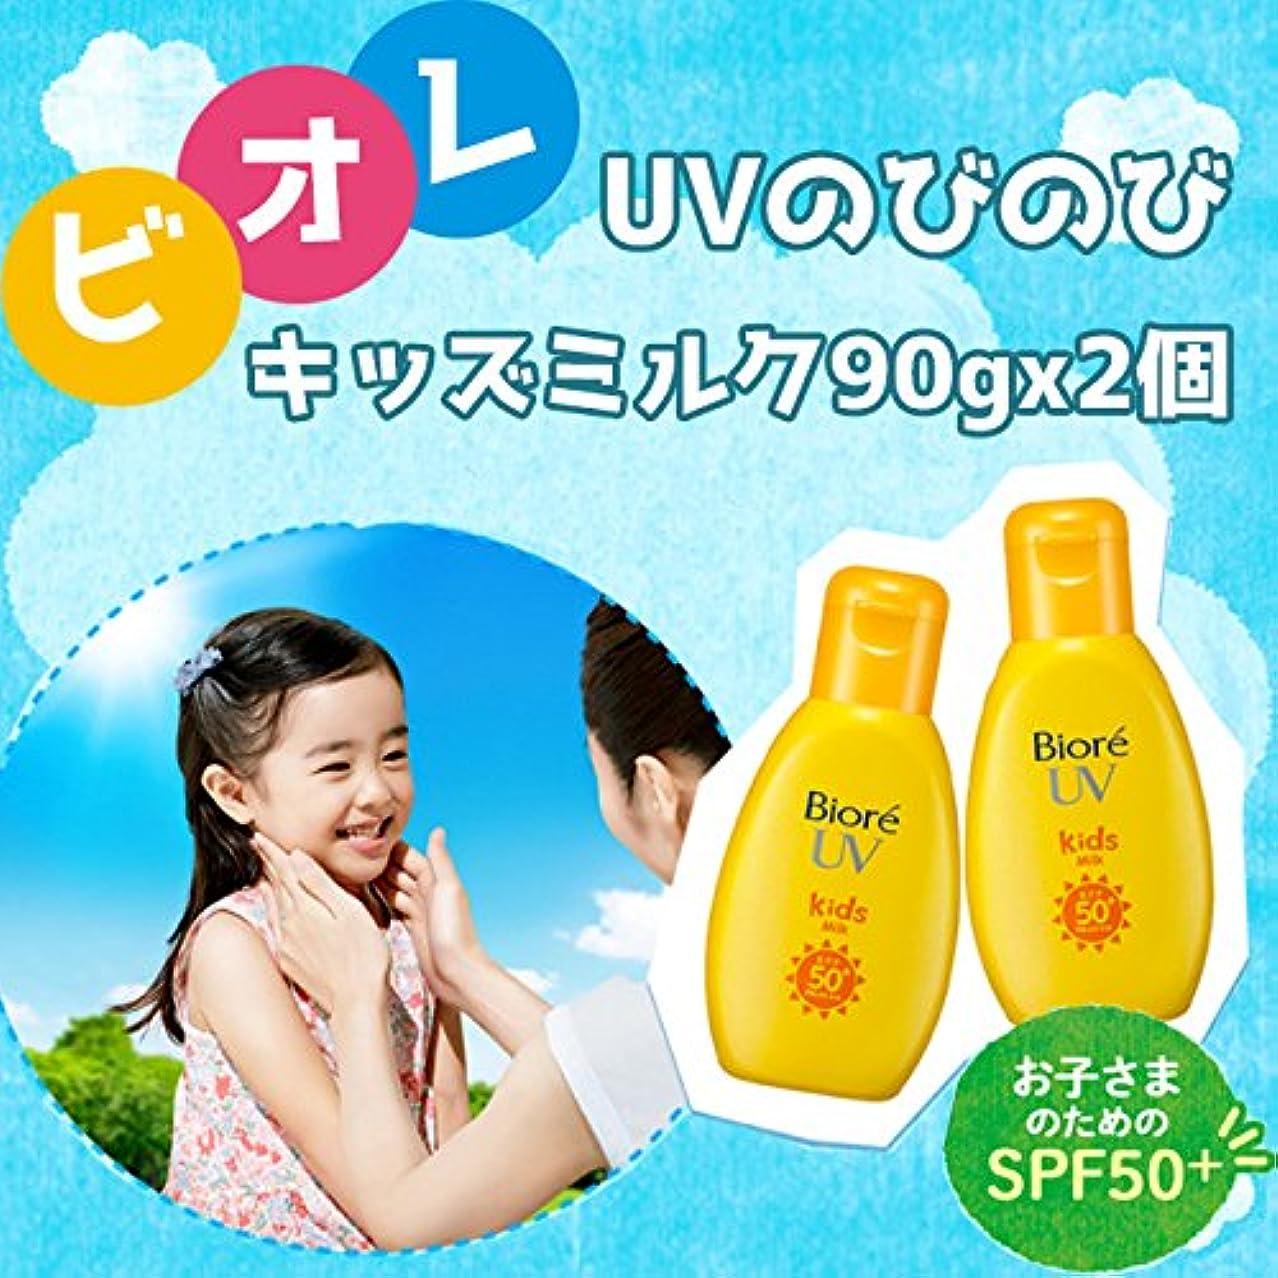 あごフロンティア個人★送料無料★ビオレ UV のびのびキッズミルク 日焼け止め乳液 SPF50+ PA++++ 90gx2本セット 強力紫外線カット